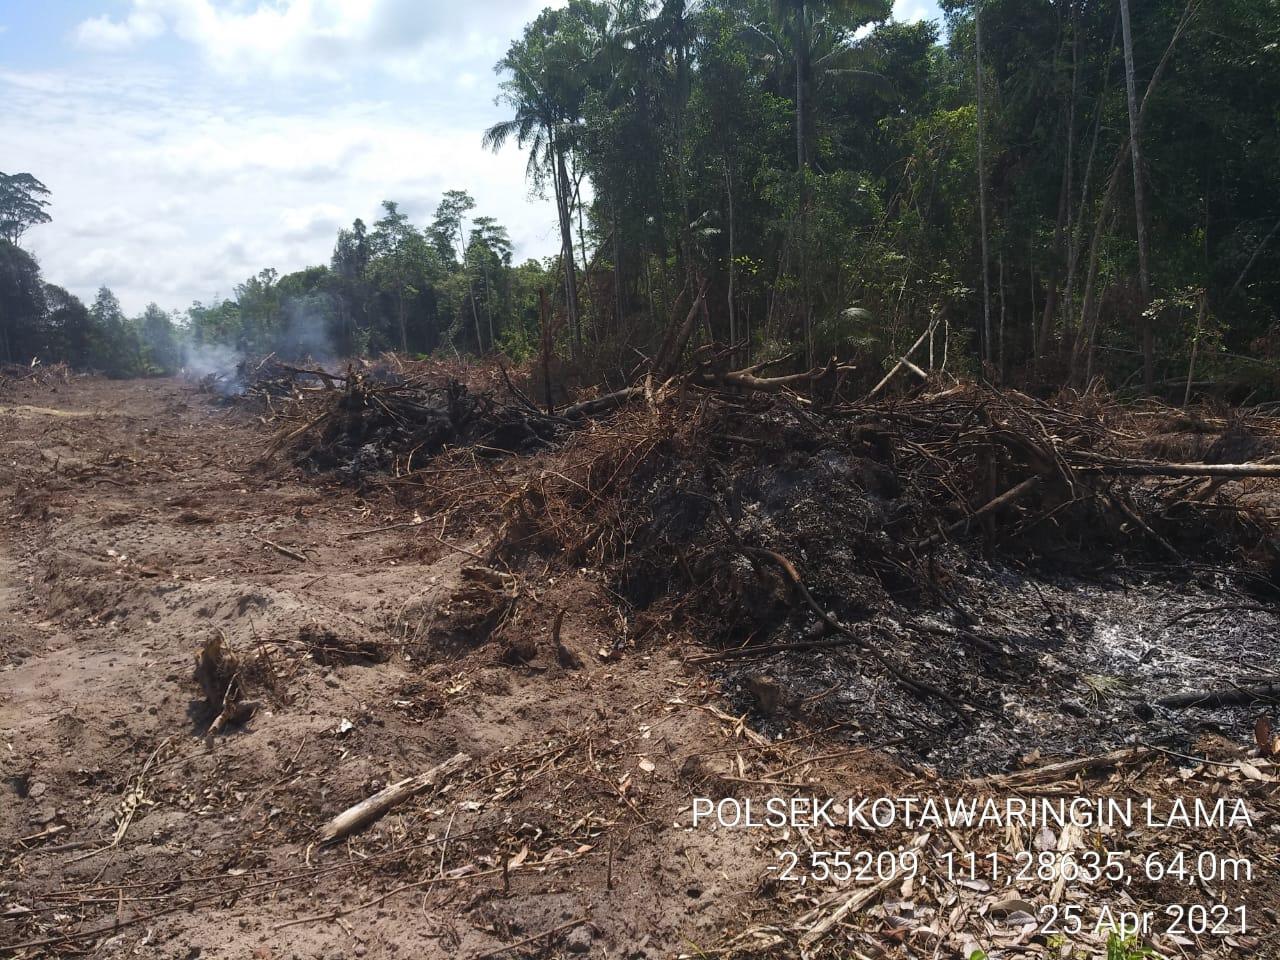 TNI Polri Minta Warga Jangan Bakar Hutan